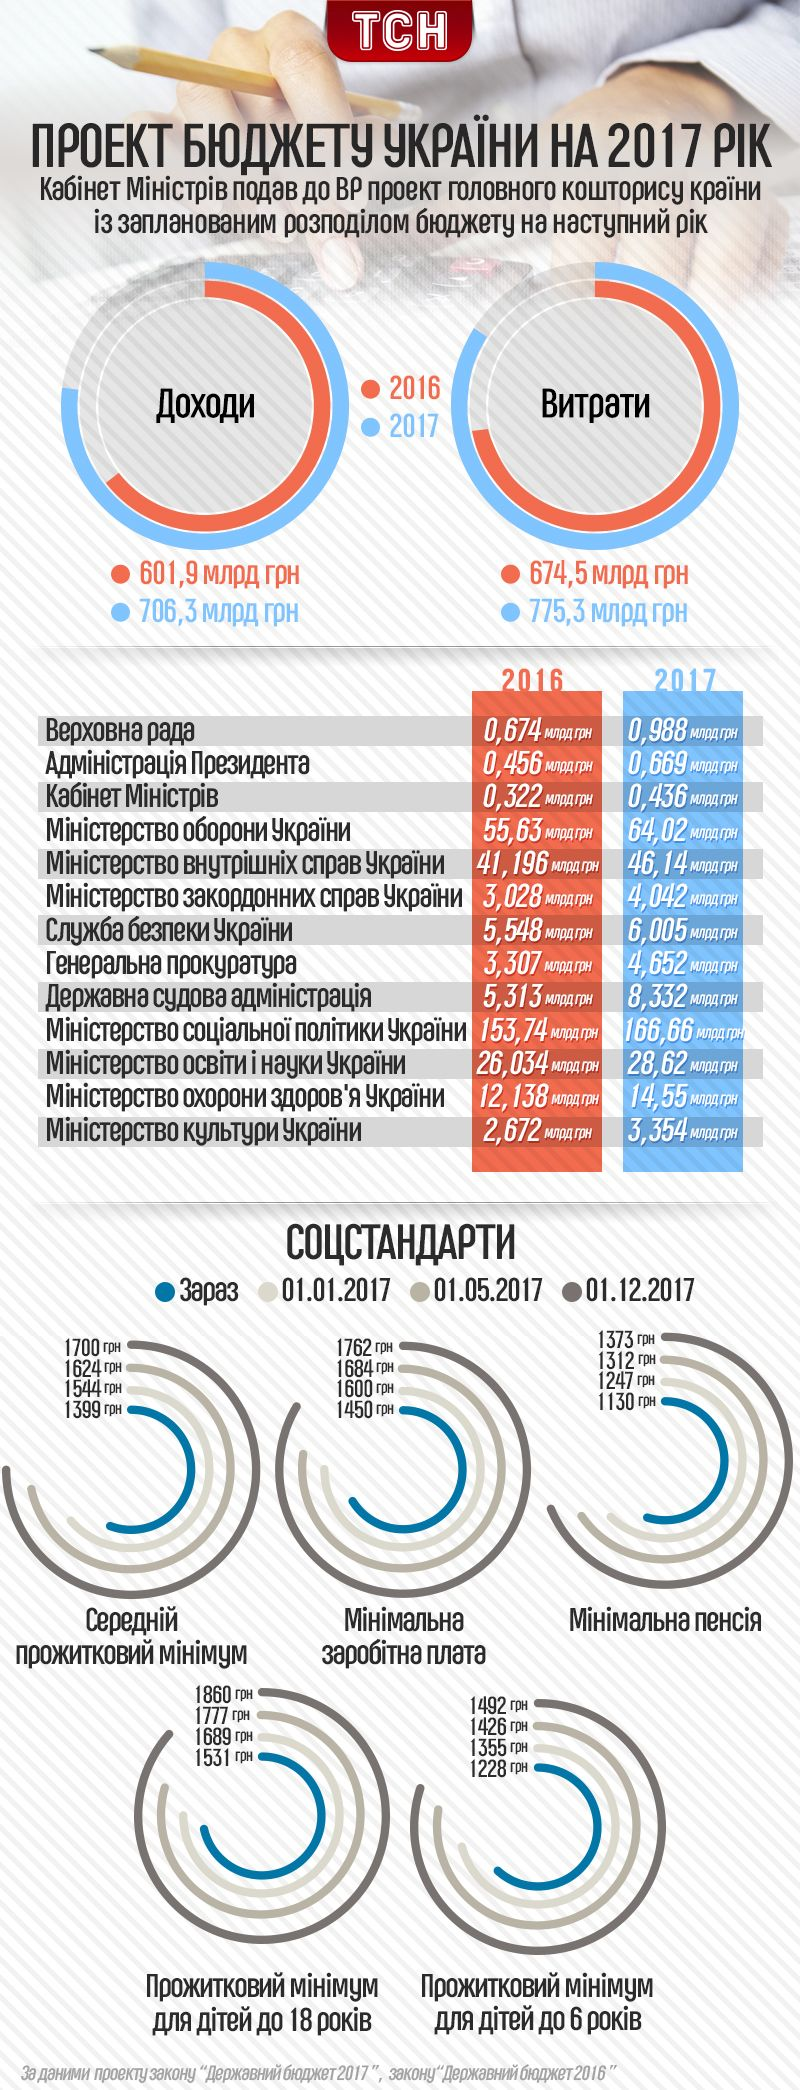 проект Держбюджету 2017, інфографіка